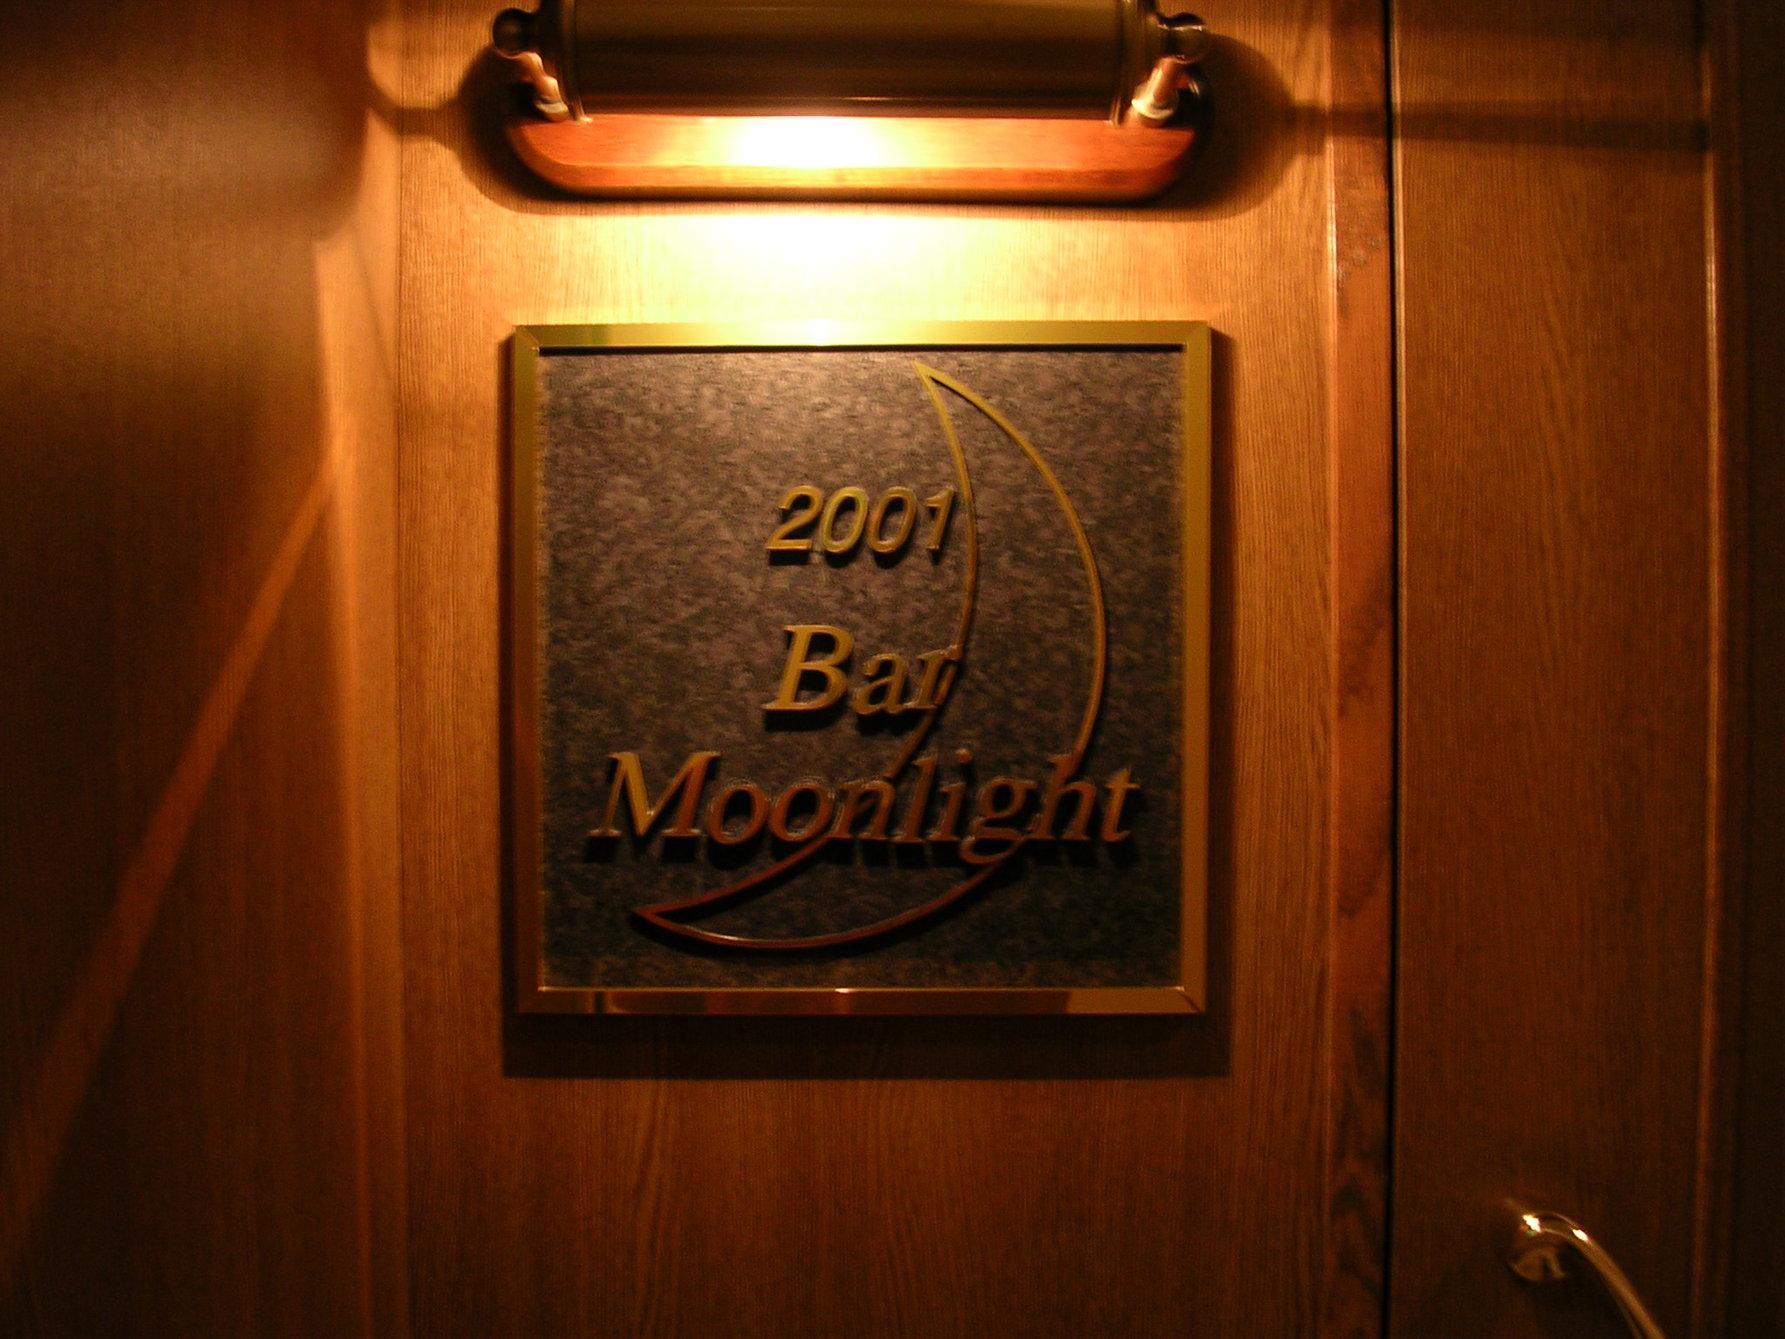 2001 BAR Moon Light